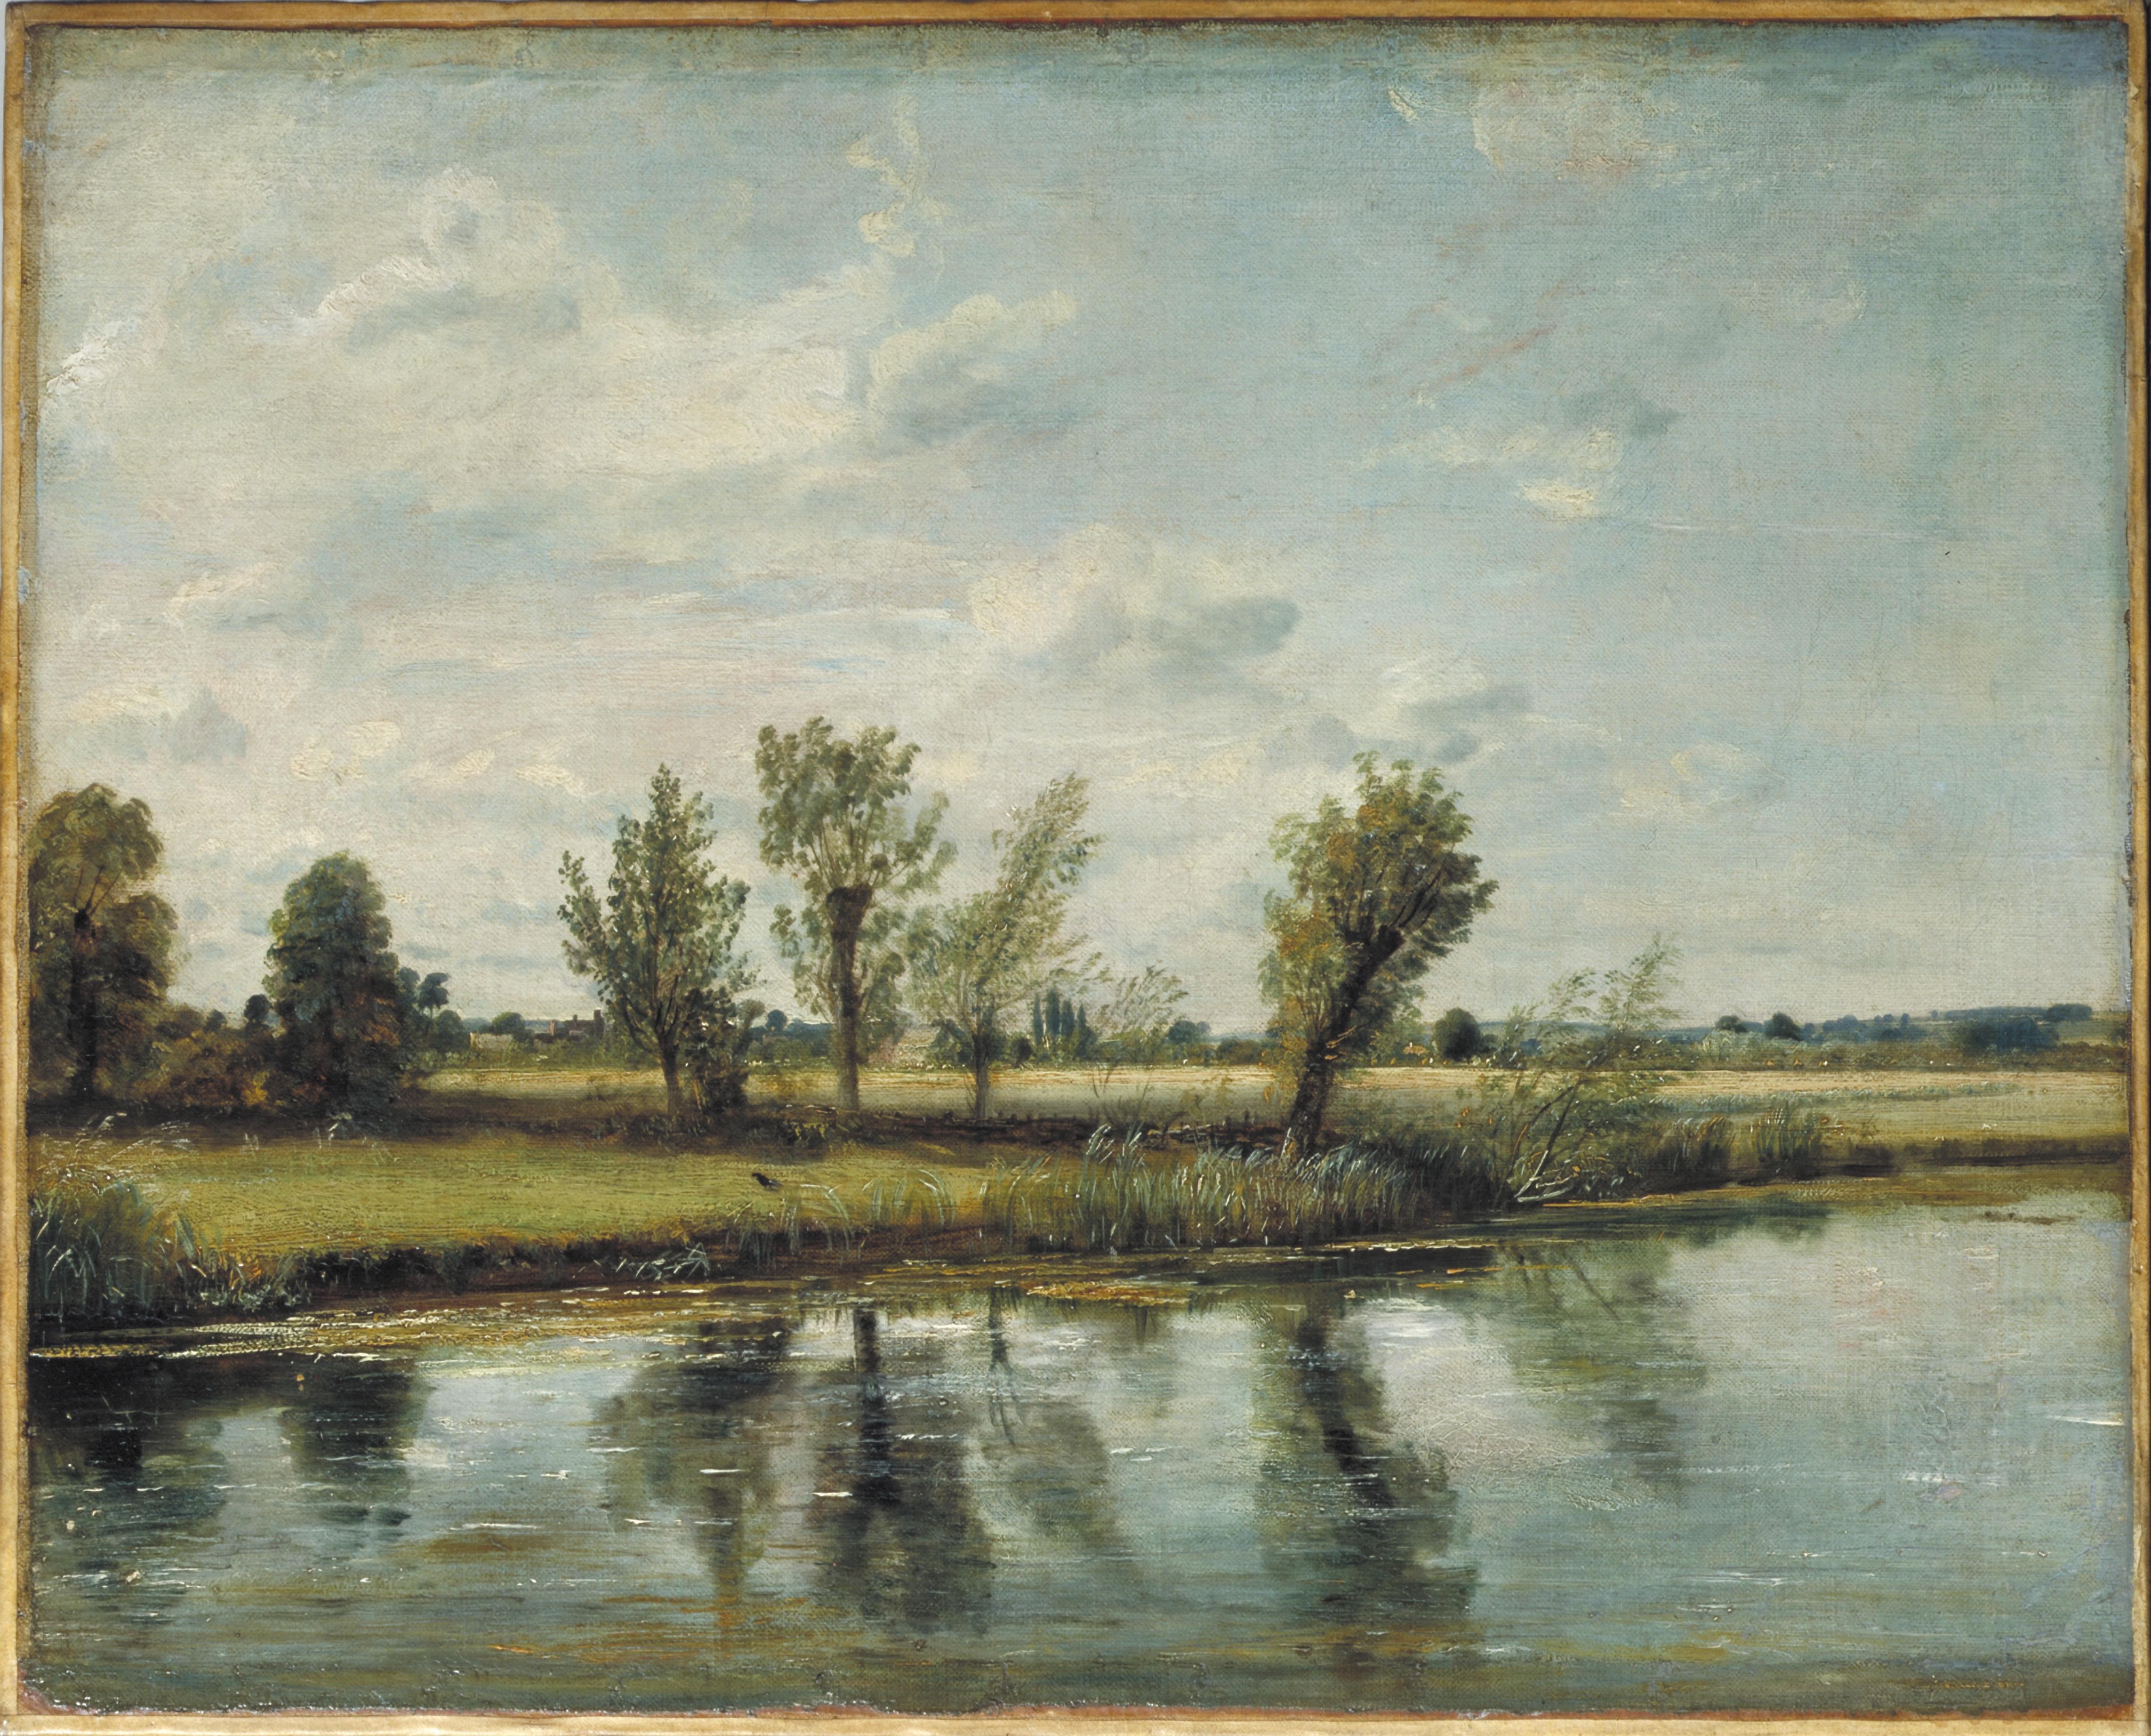 John Constable: